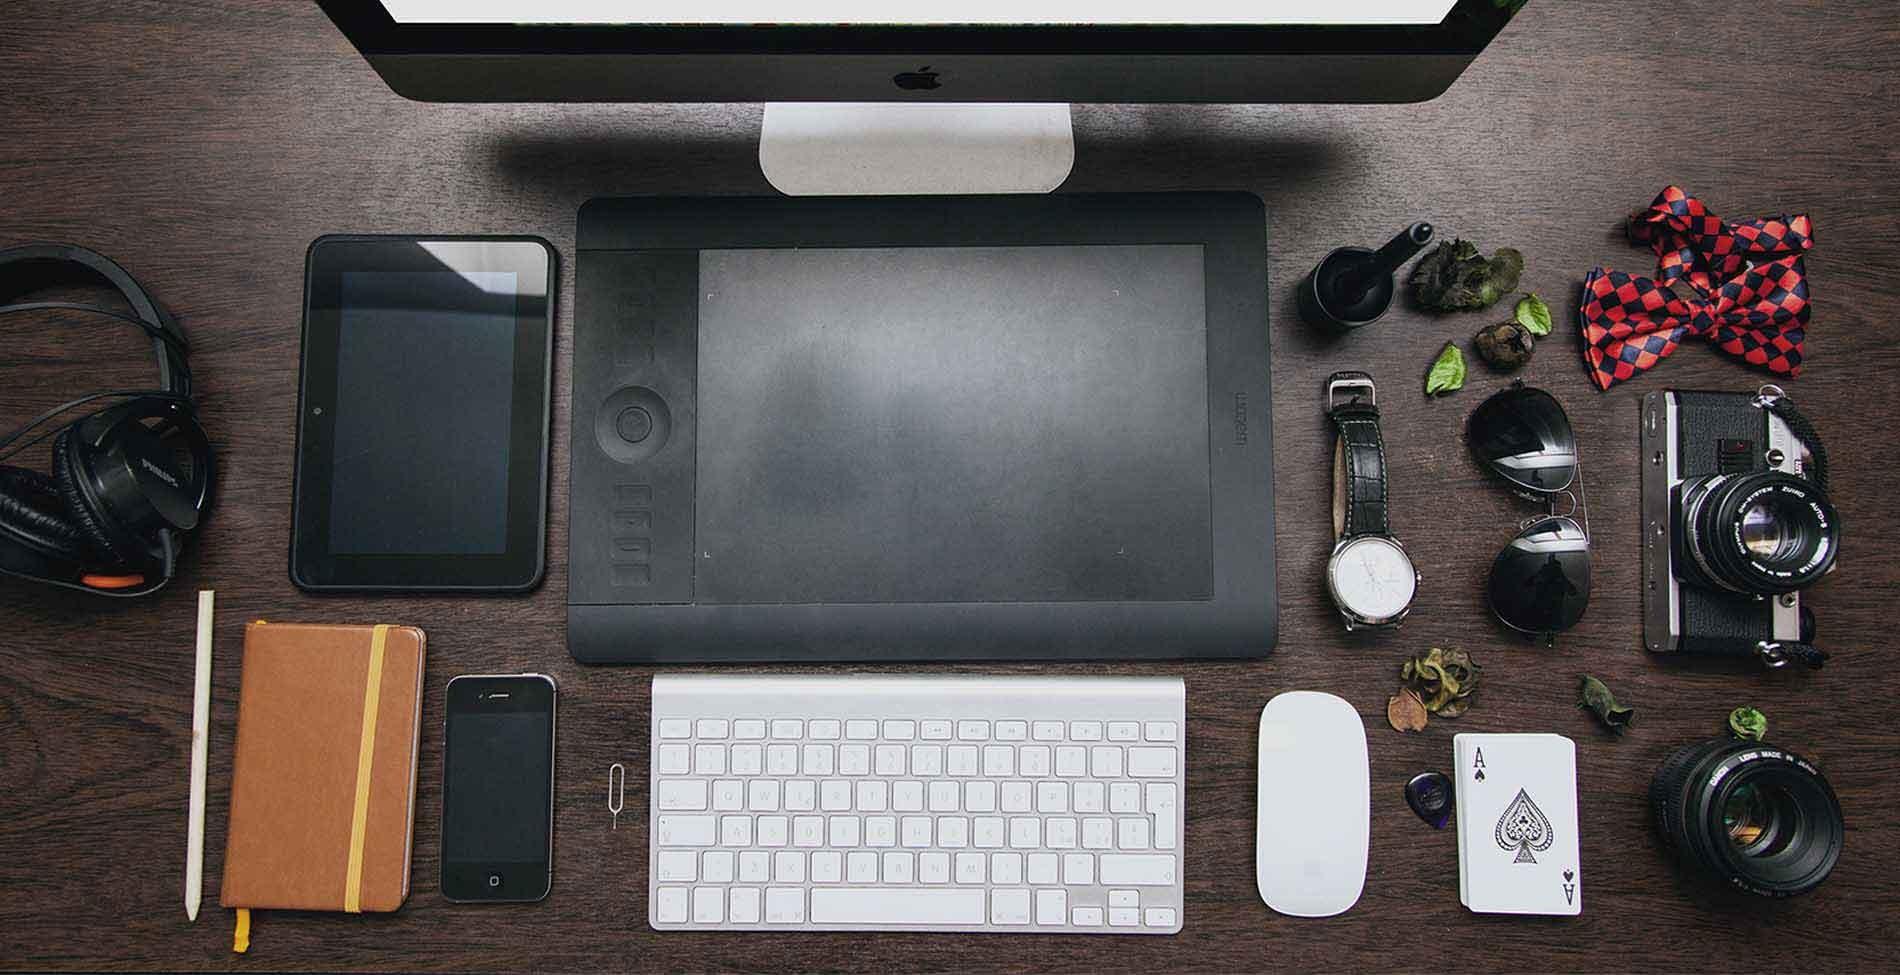 Wyze Digital | LinkedIn